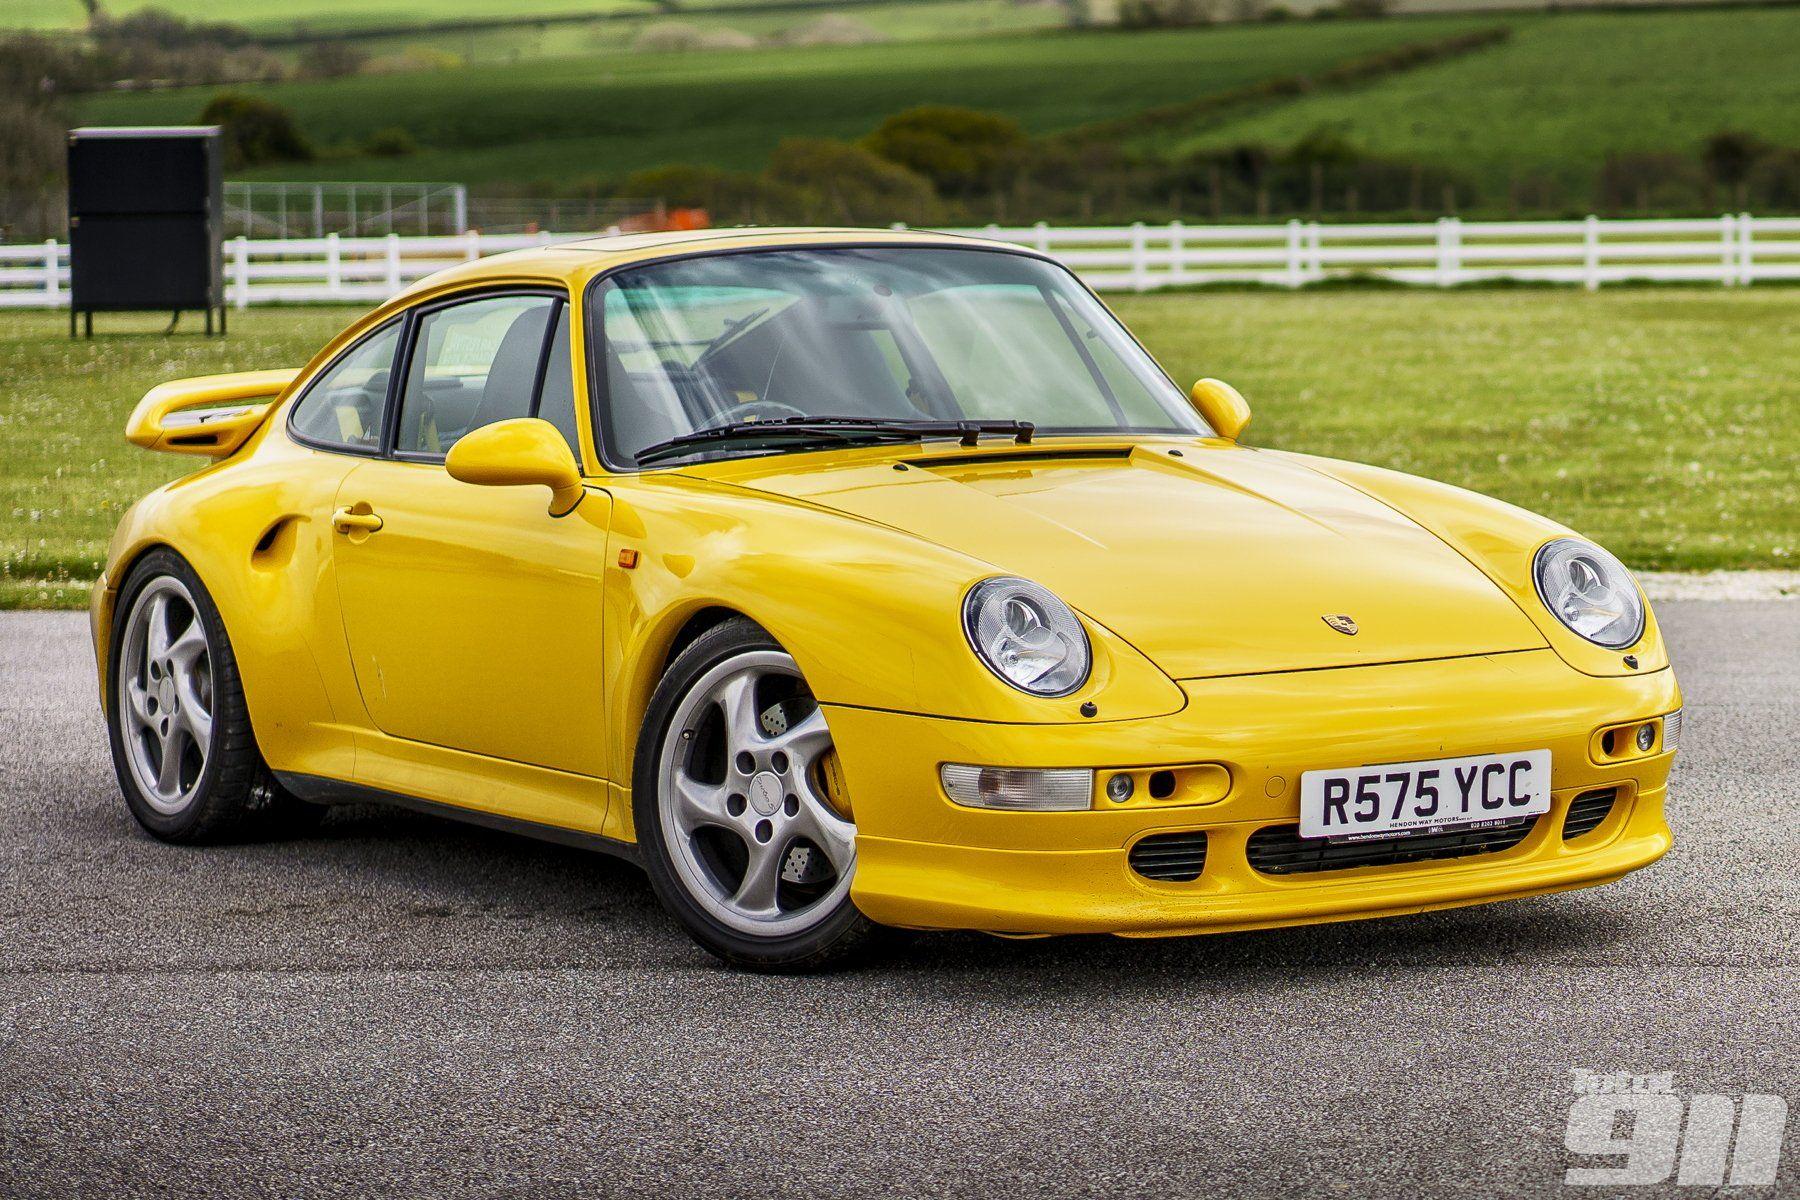 Porsche 993 Turbo S & Carrera S - Google Search | best ...